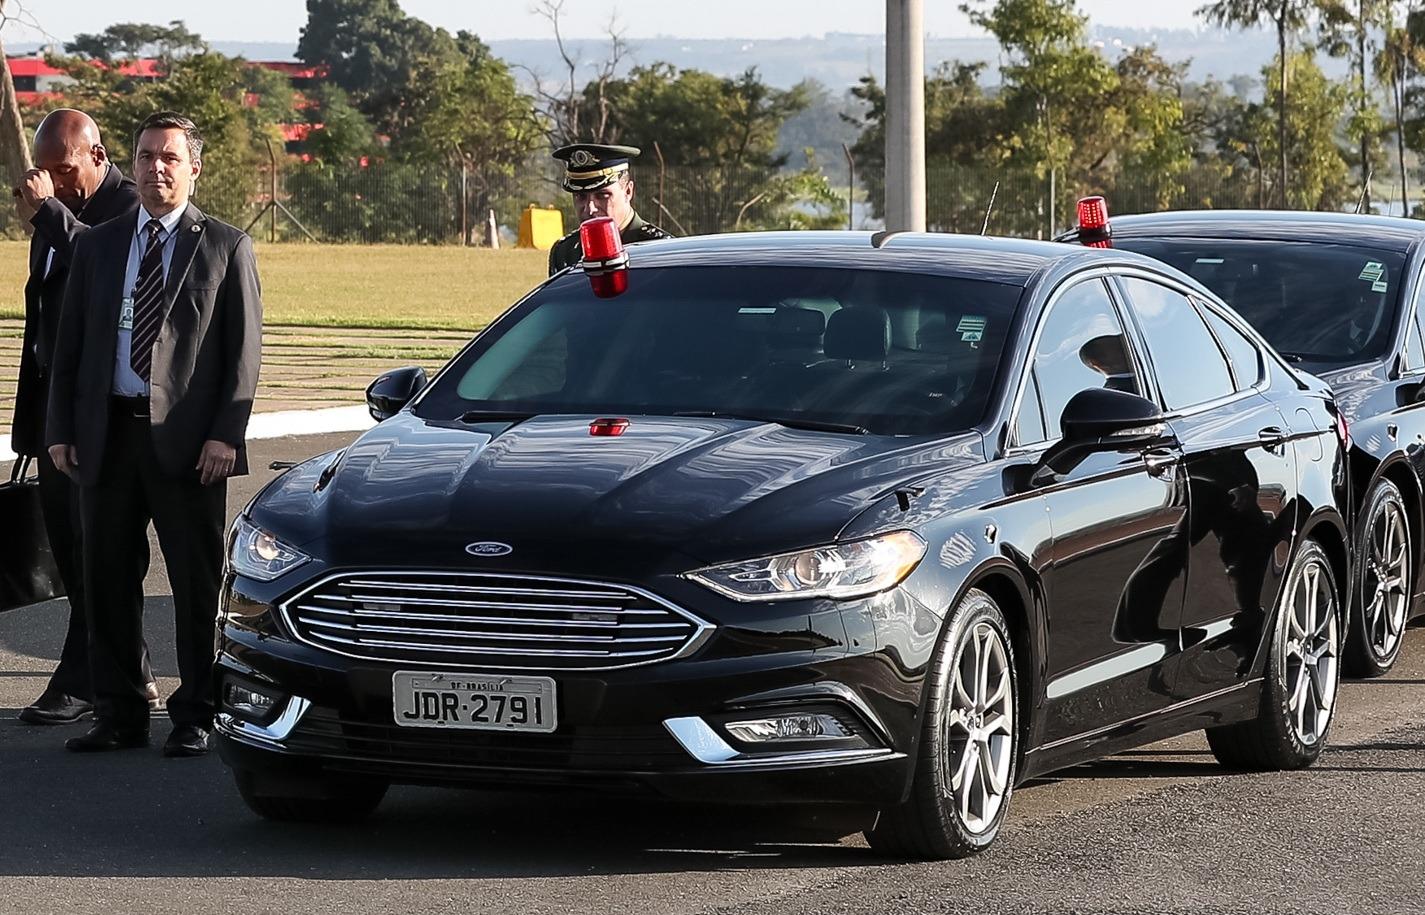 ford fusion carro de presidente jair bolsonaro